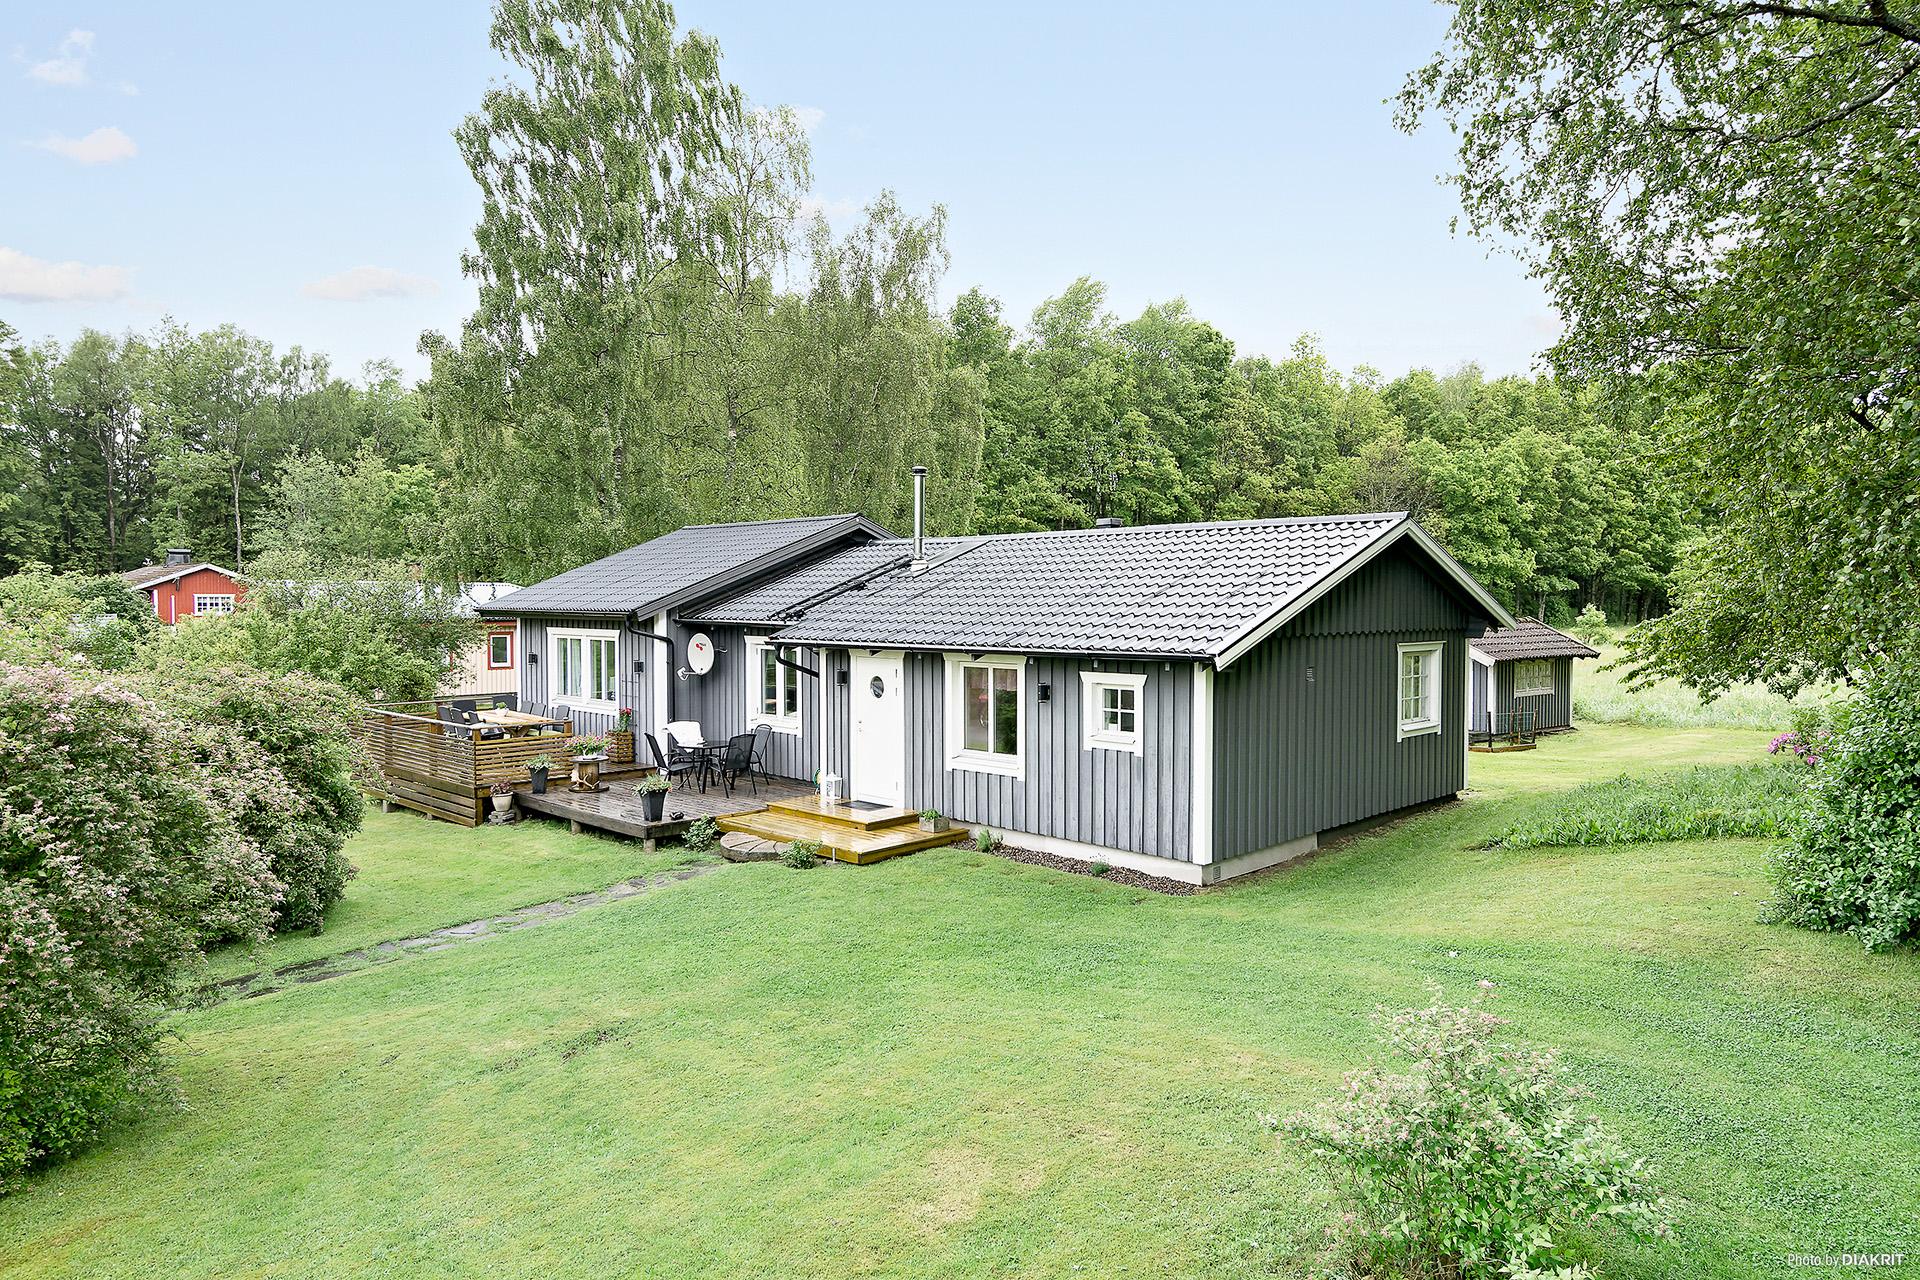 Välkommen till en mycket fin villa alt fritidshus i natursköna Karl Gustav!